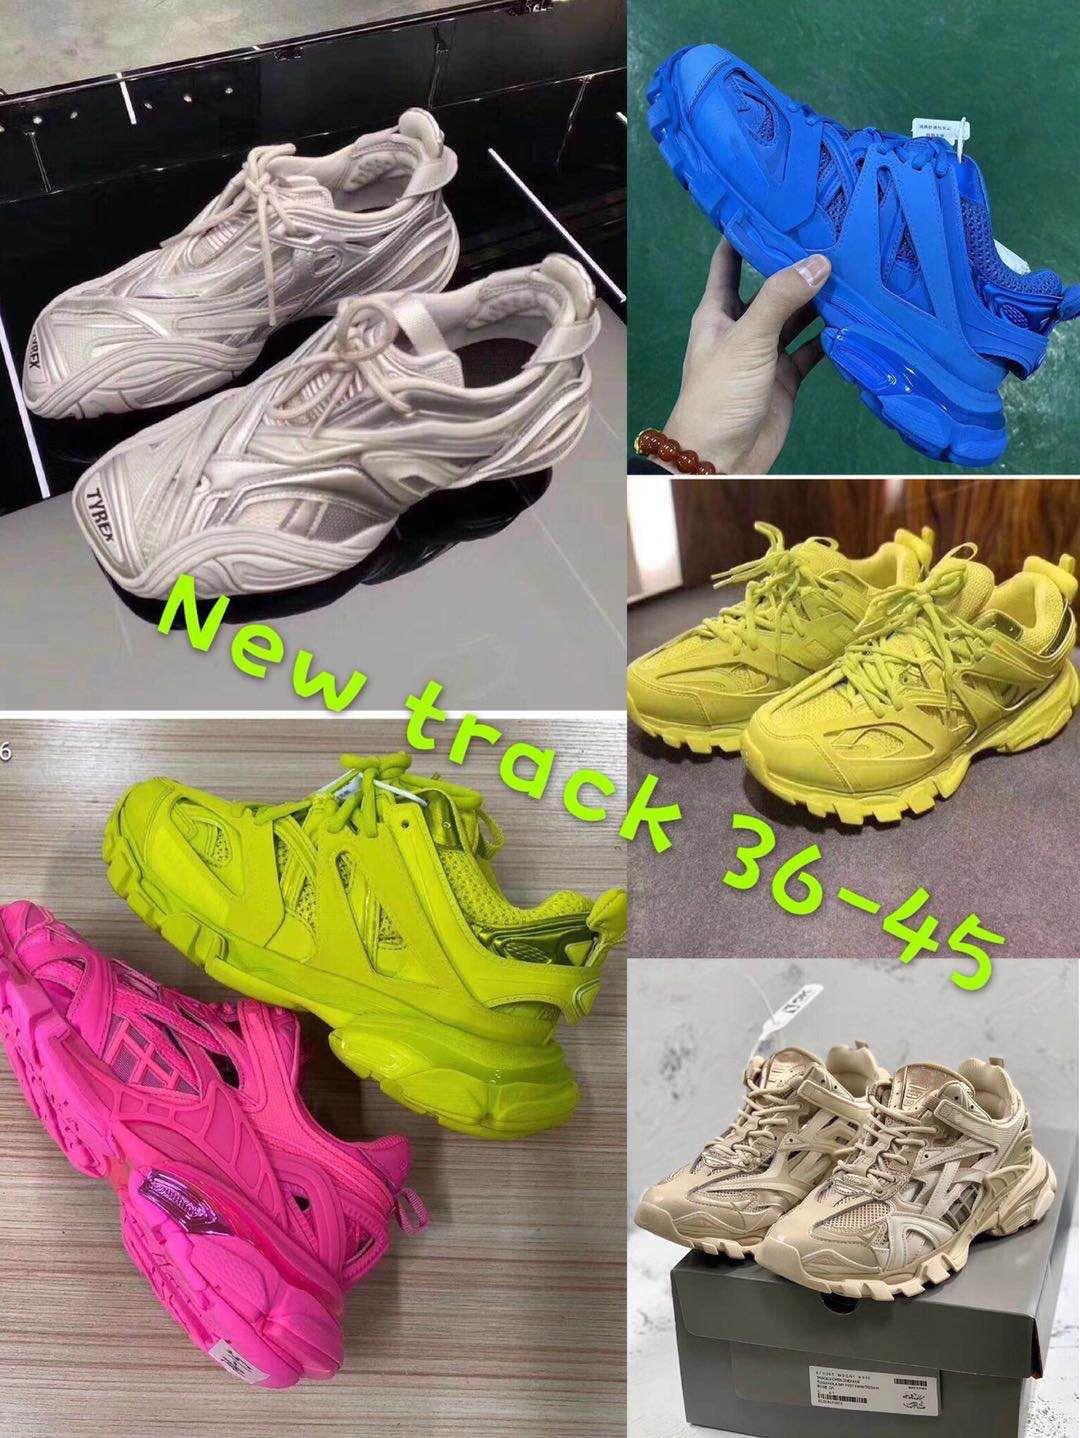 Release 4.0 Tess S Parigi uomini traccia gomma Maille nero Per le donne Triple S Clunky Sneaker Casual Shoes Hot autentica Shoe Designer